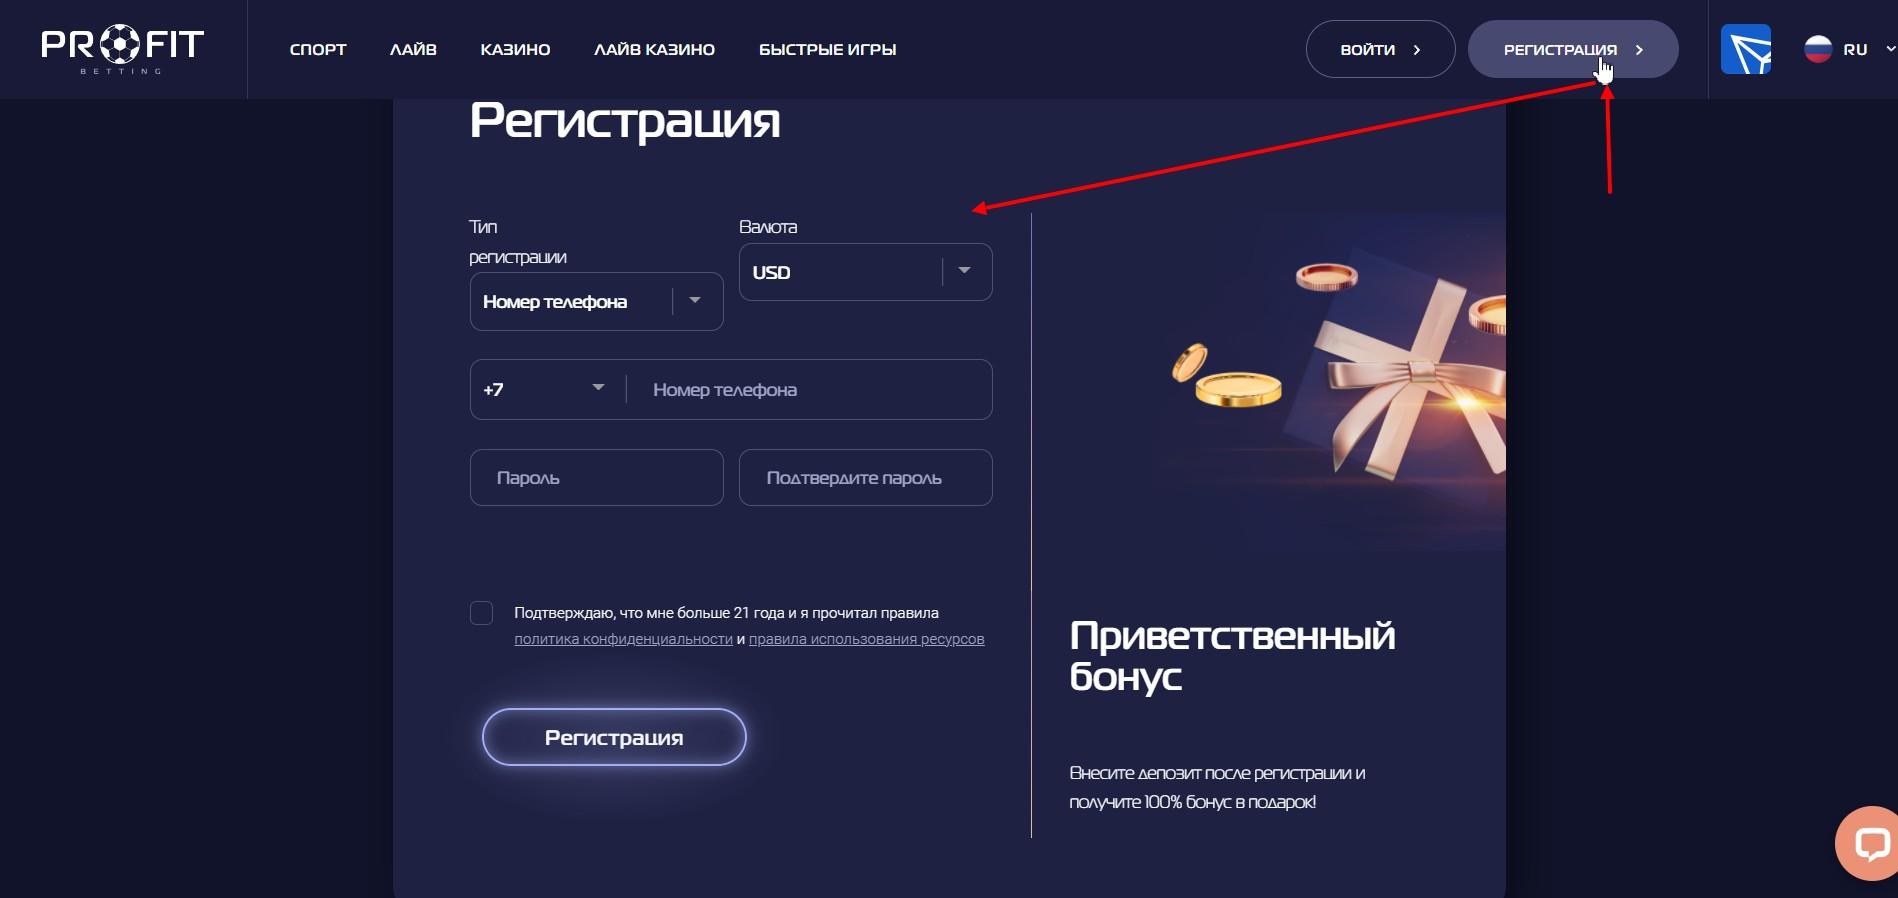 Форма регистрации на сайте БК Profit Bet